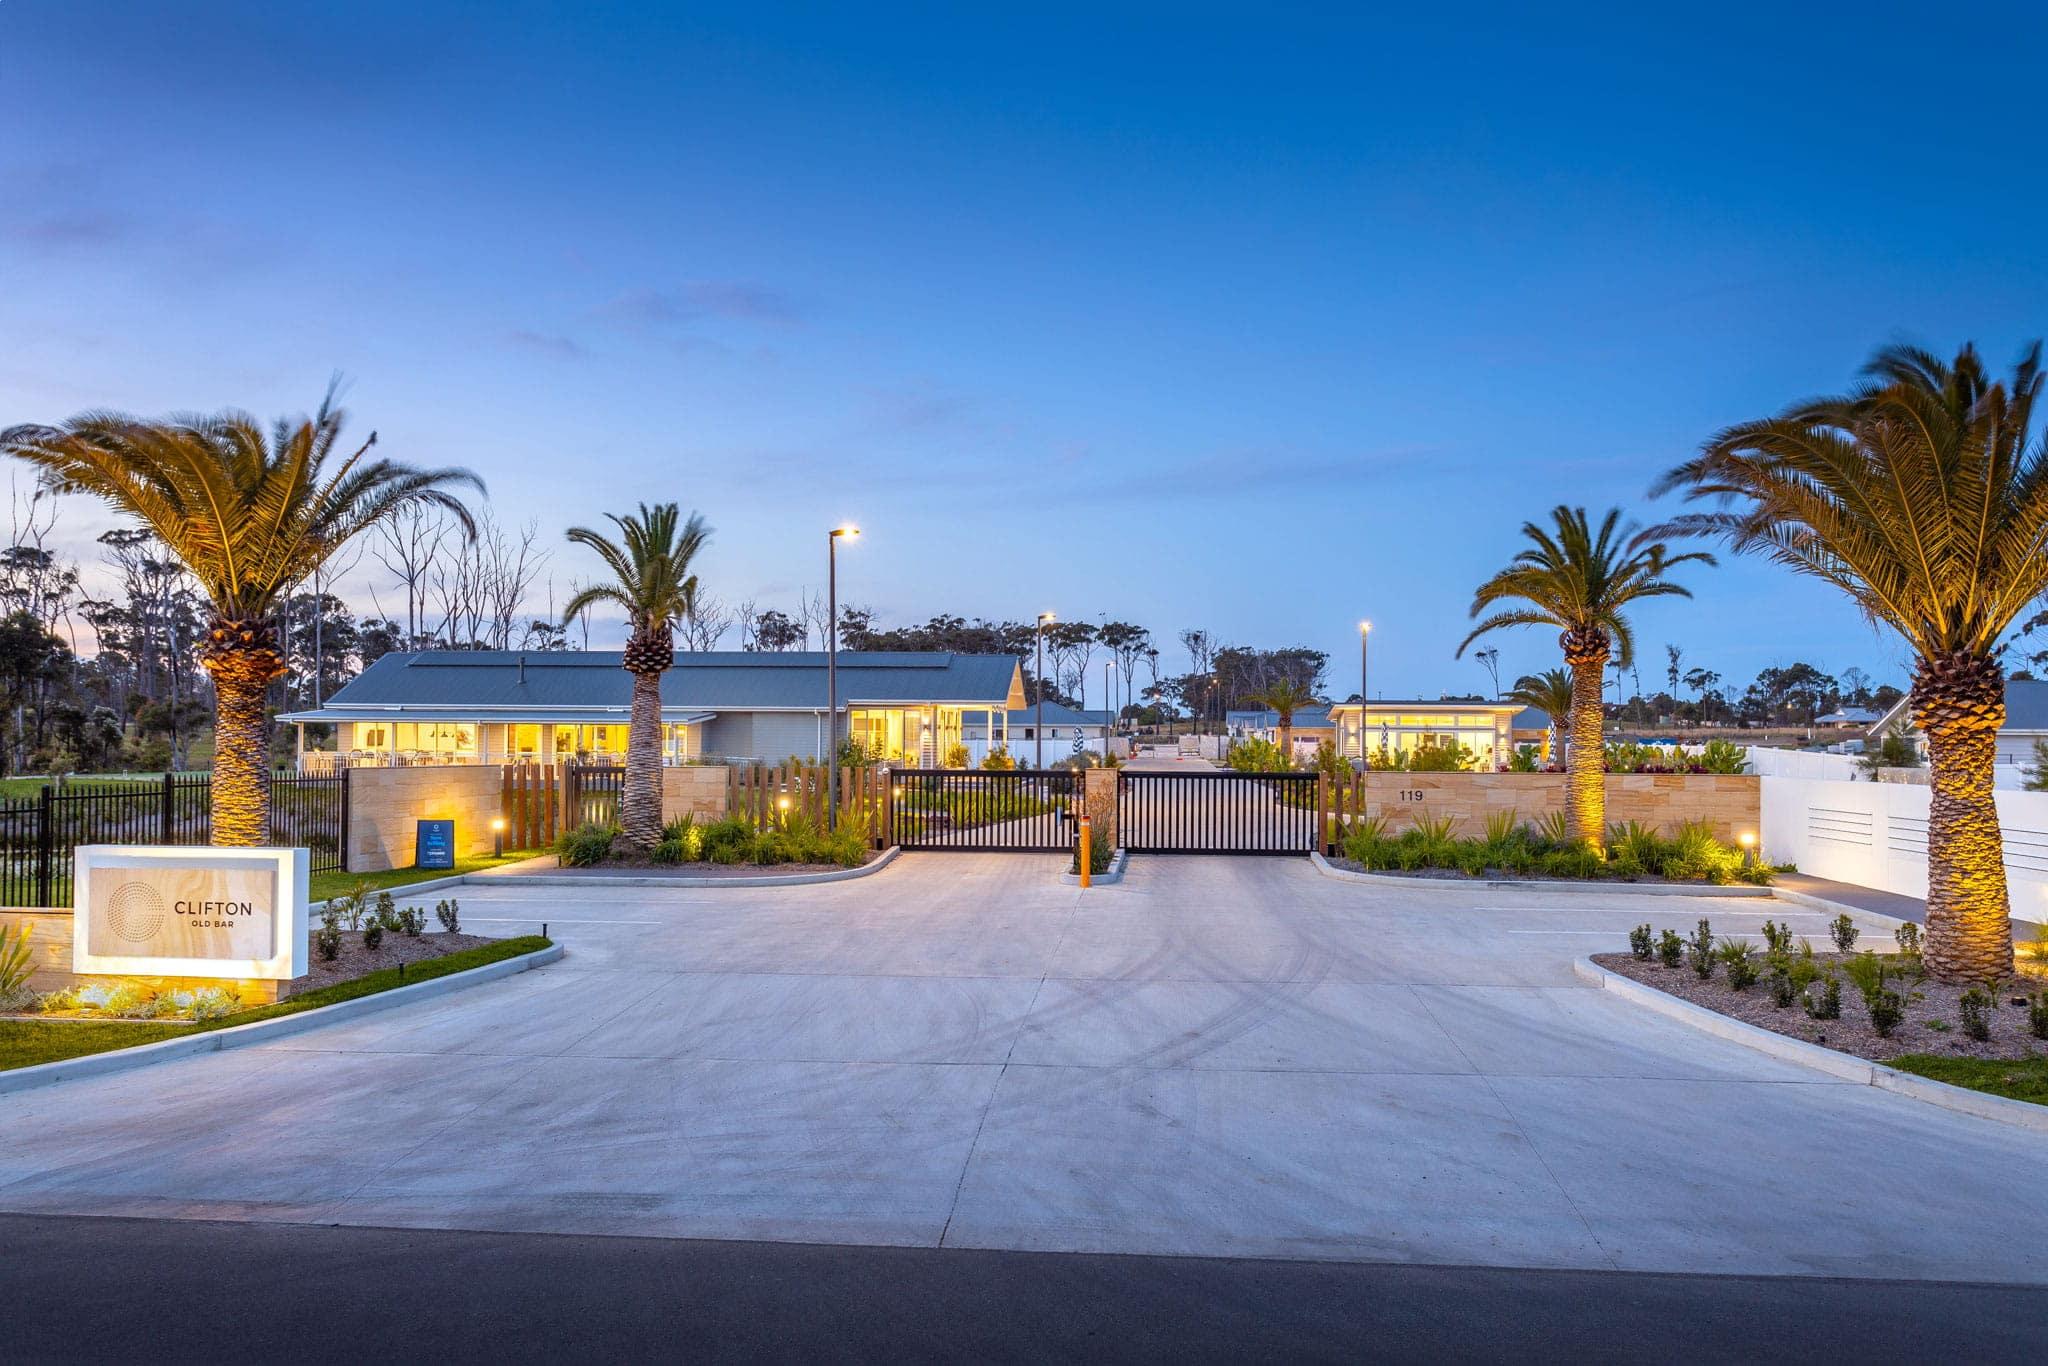 over-50s-resort-style-living-clifton-10.jpg